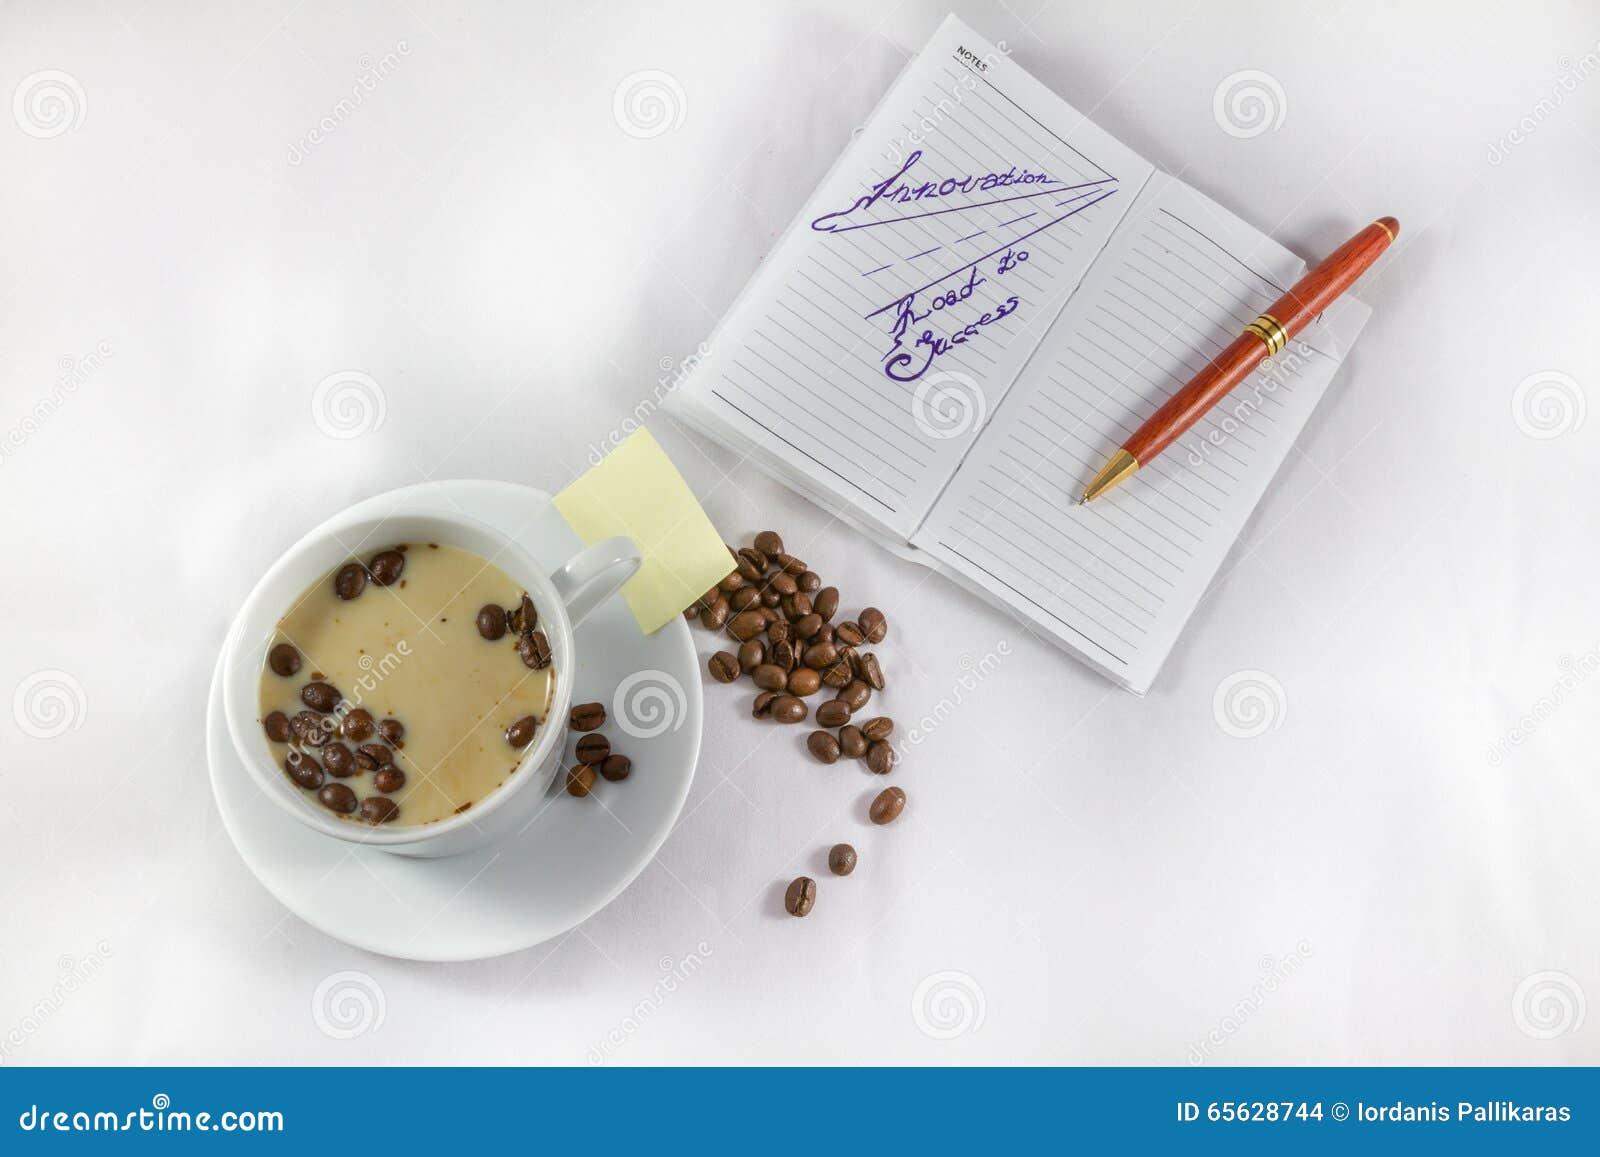 Route d innovation à la note de succès, au stylo, à la tasse et aux grains de café